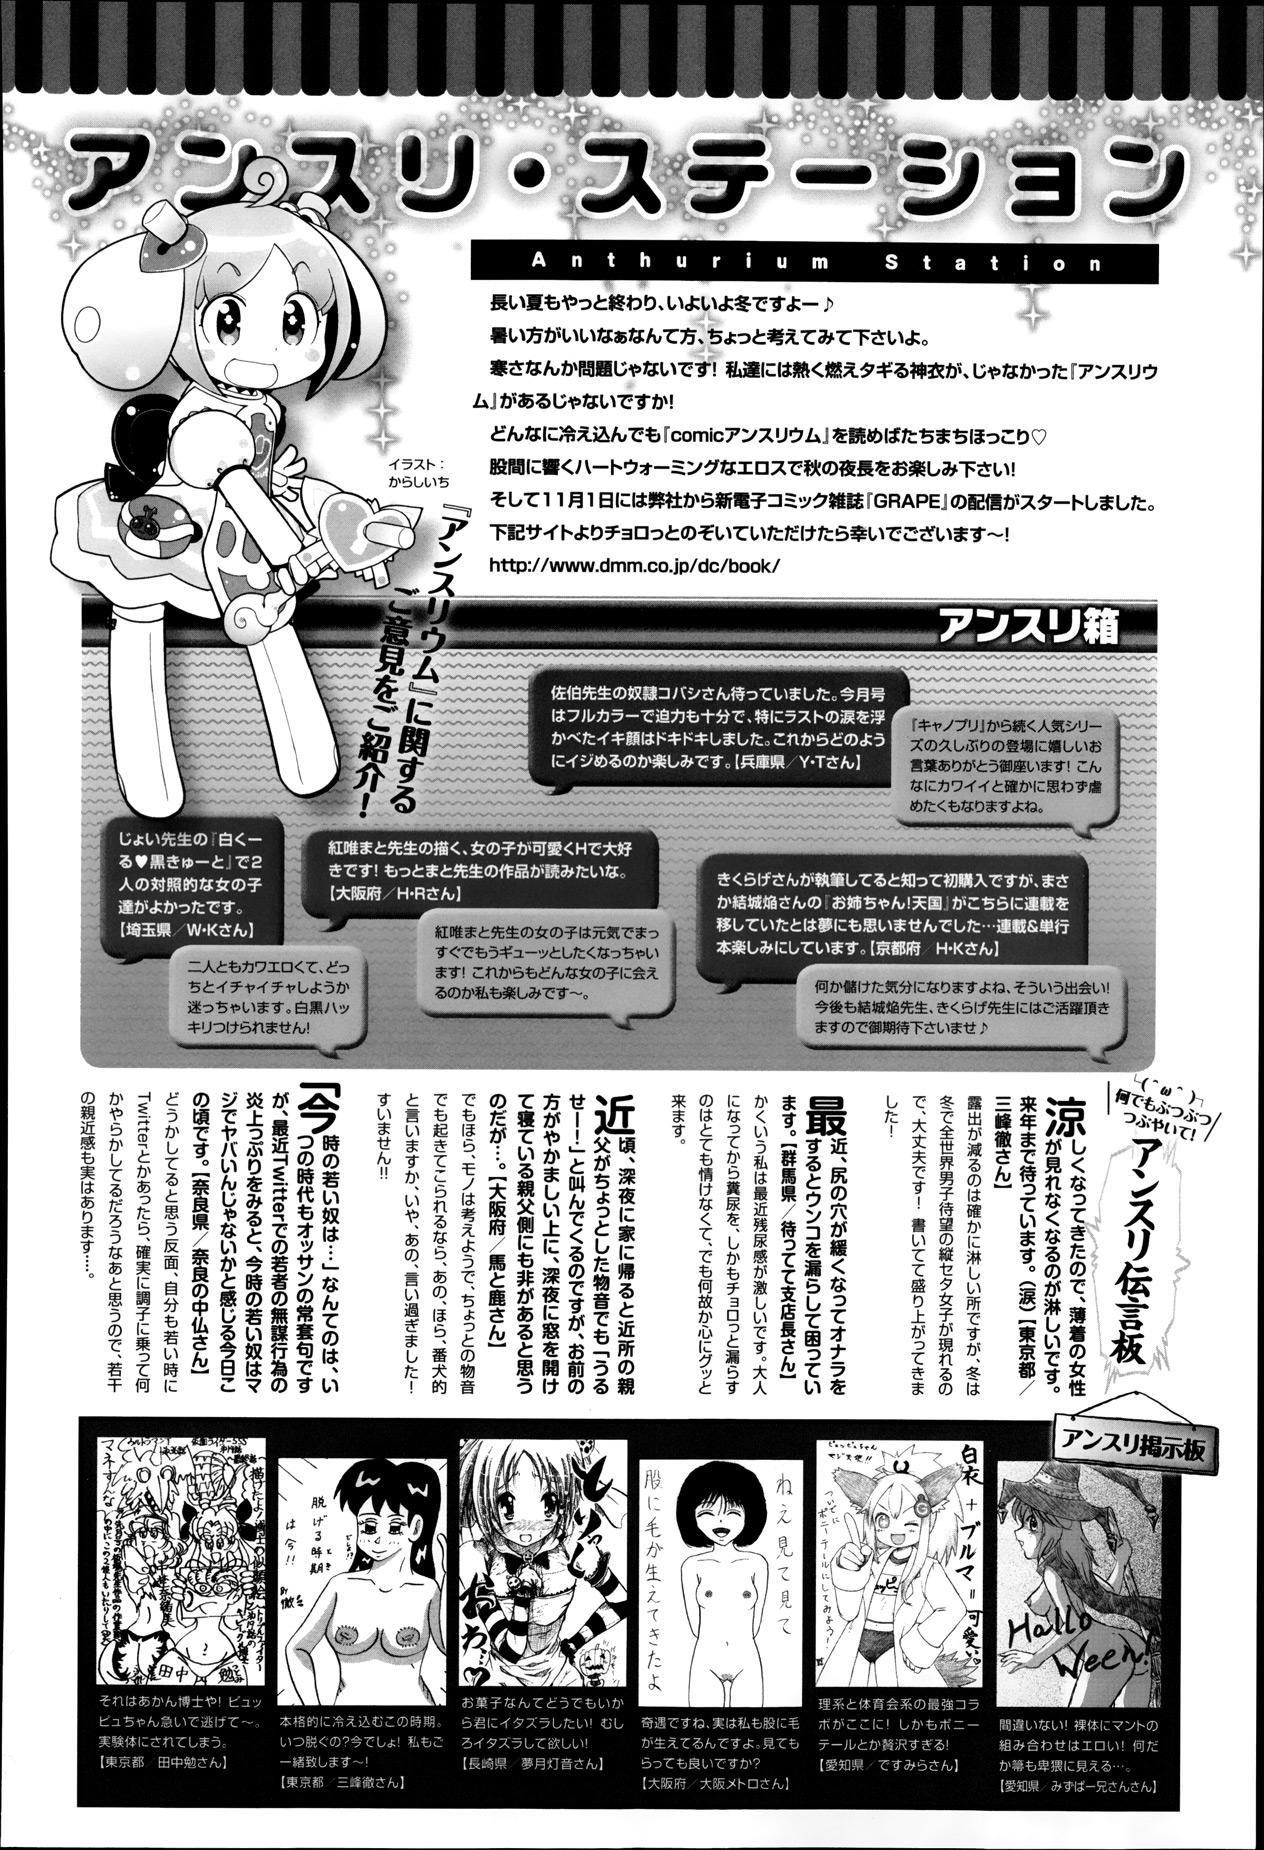 Comic Anthurium 008 2013-12 384